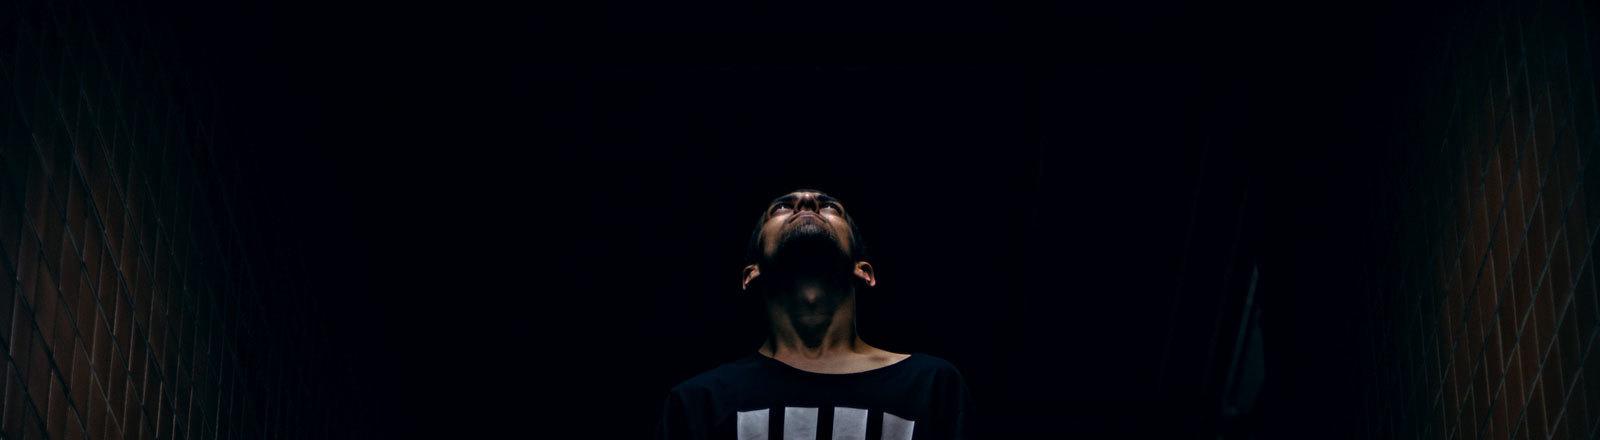 Mann blickt im Dunkeln nach oben.